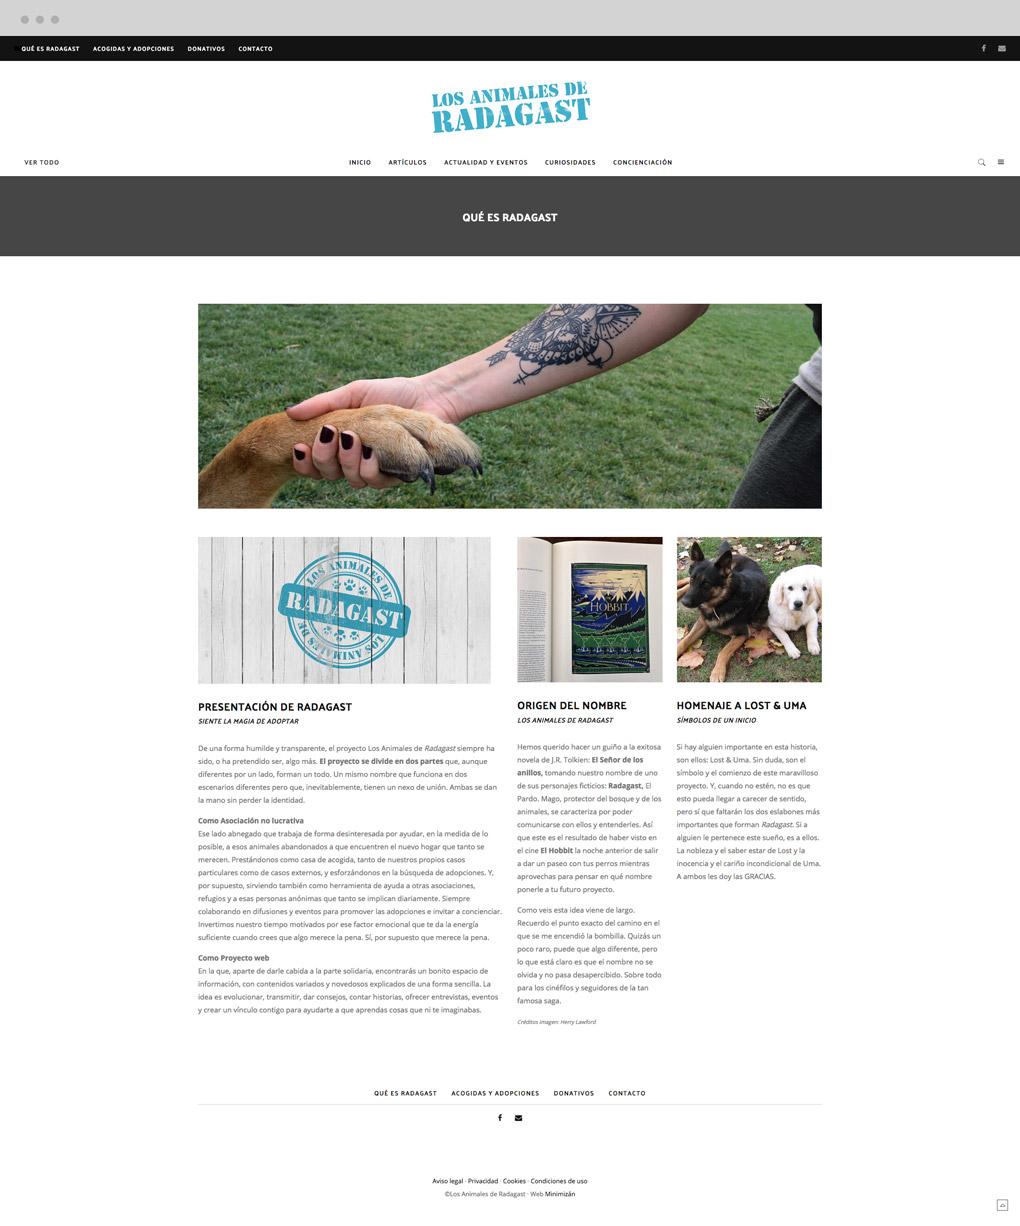 presentación de diseño de magazine electrónico dedicado a los animales y la naturaleza pantalla nosotros